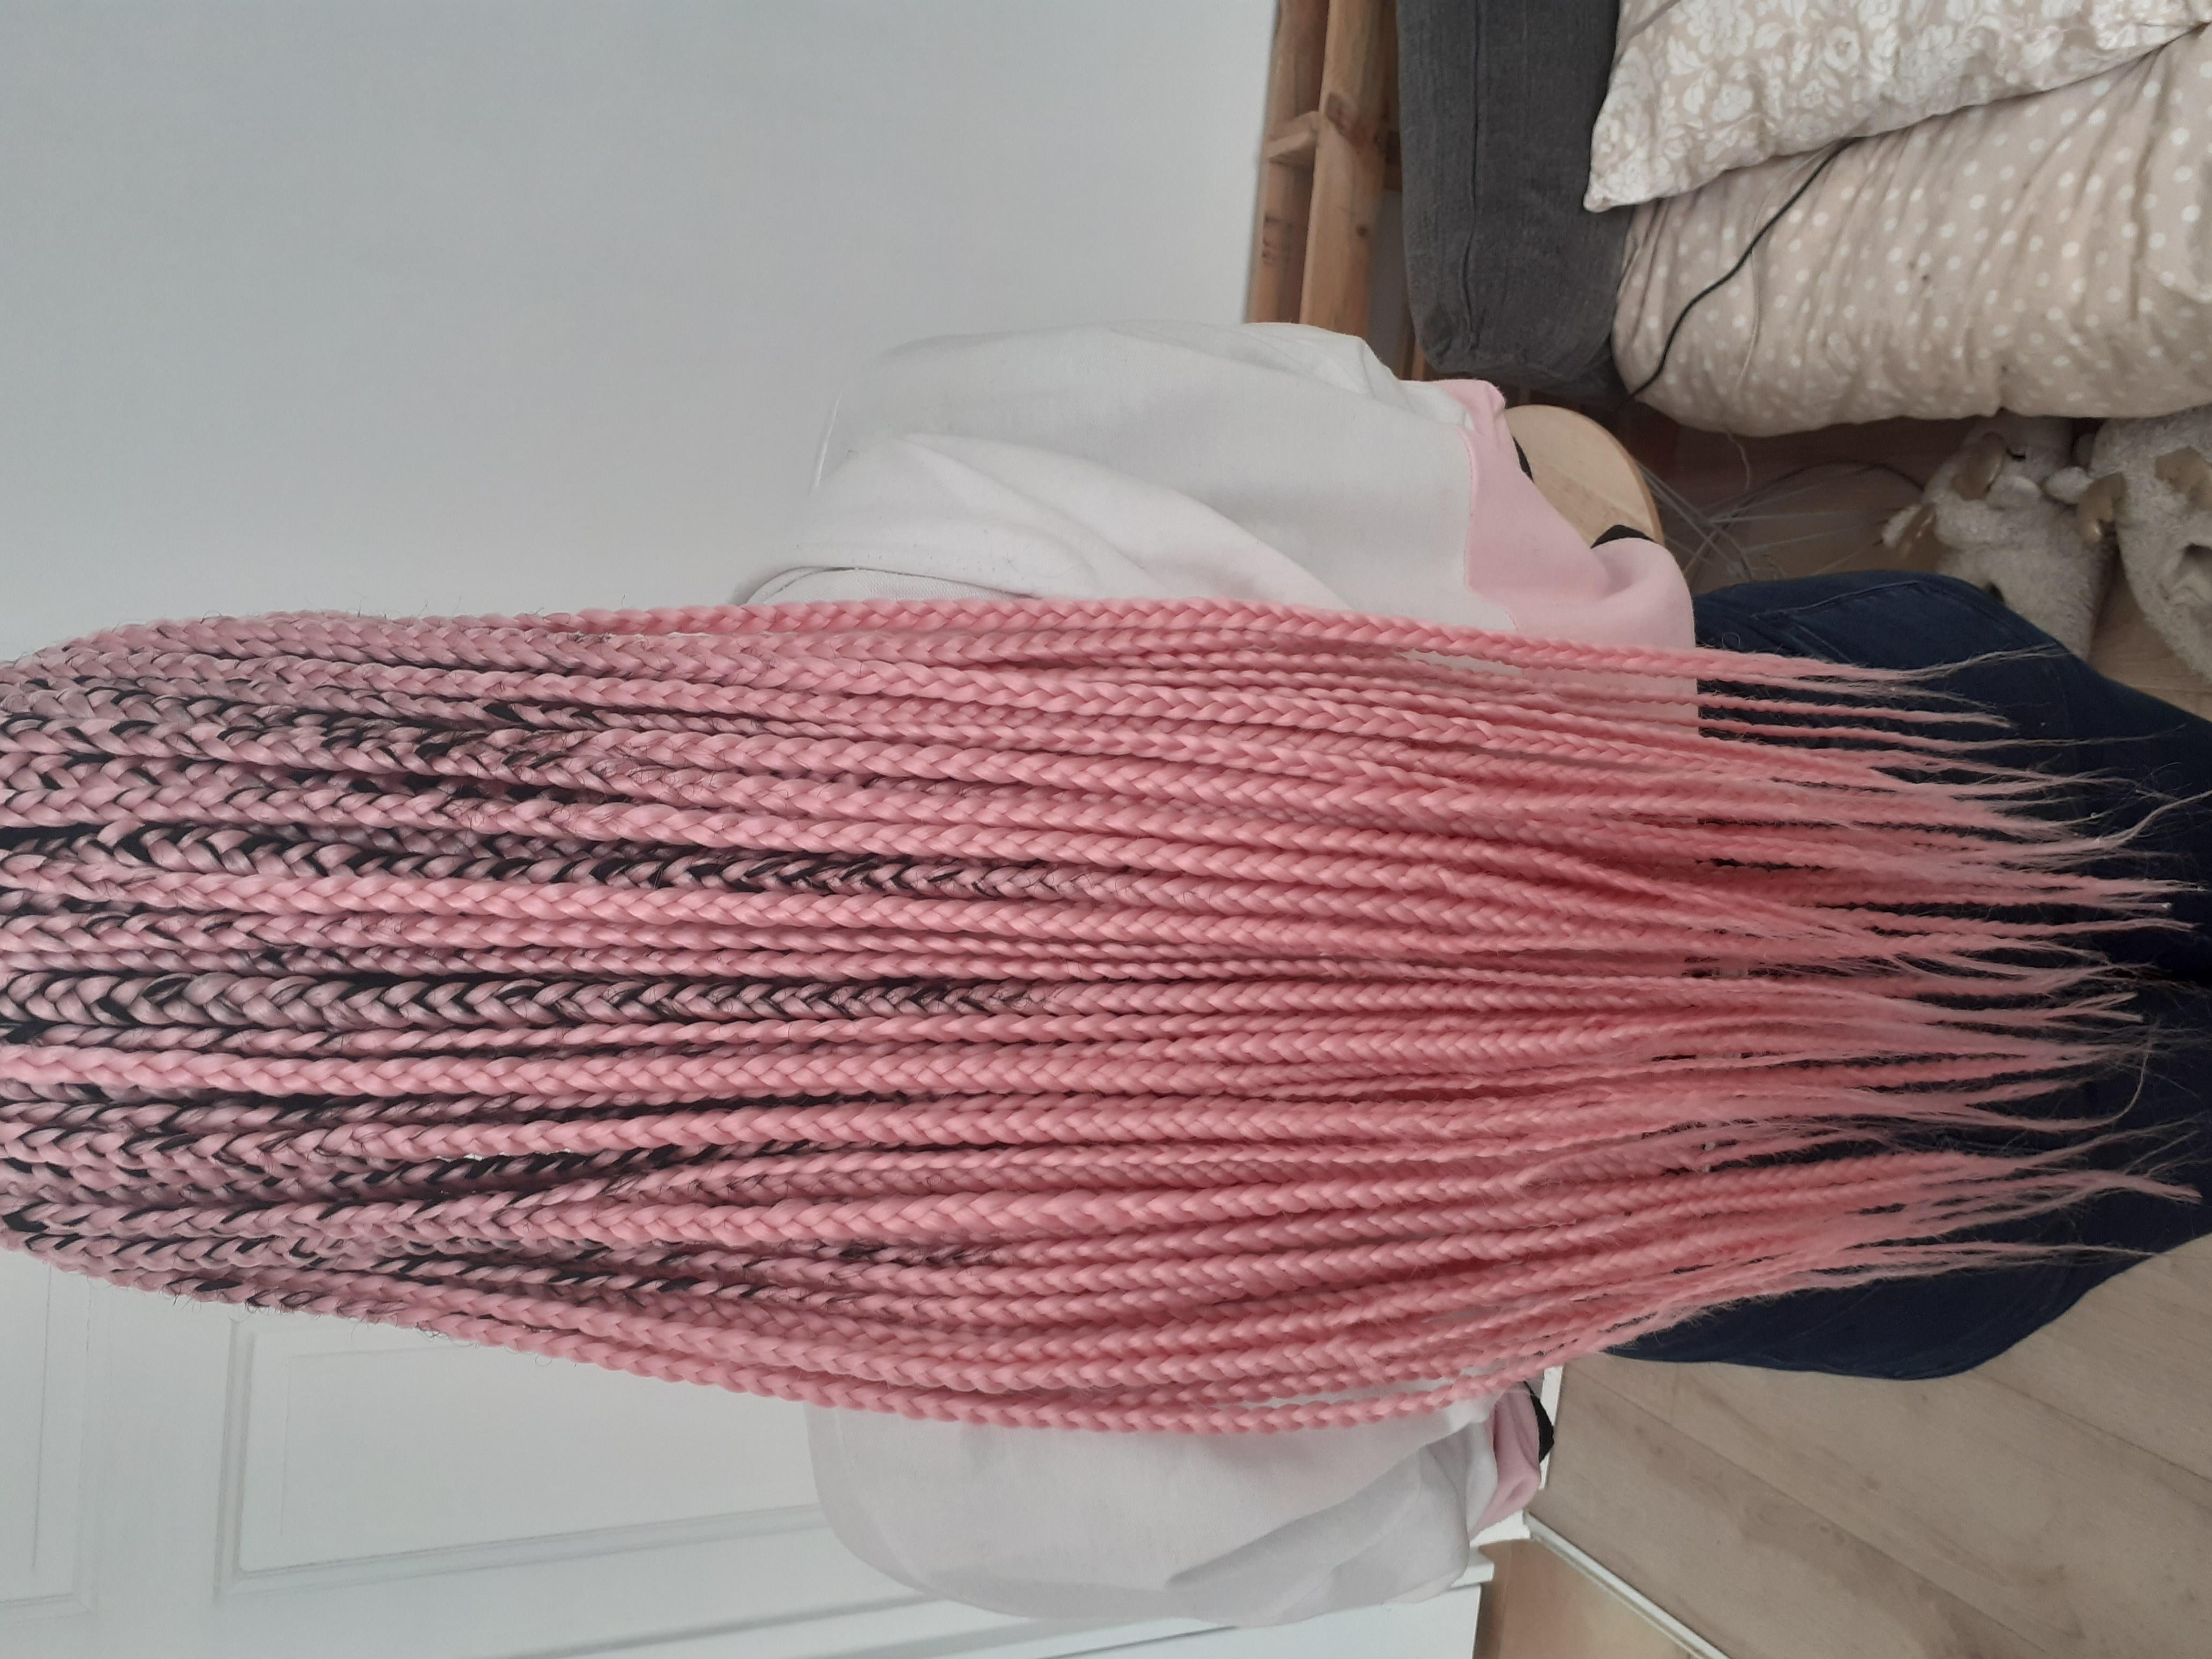 salon de coiffure afro tresse tresses box braids crochet braids vanilles tissages paris 75 77 78 91 92 93 94 95 UKAERJFJ